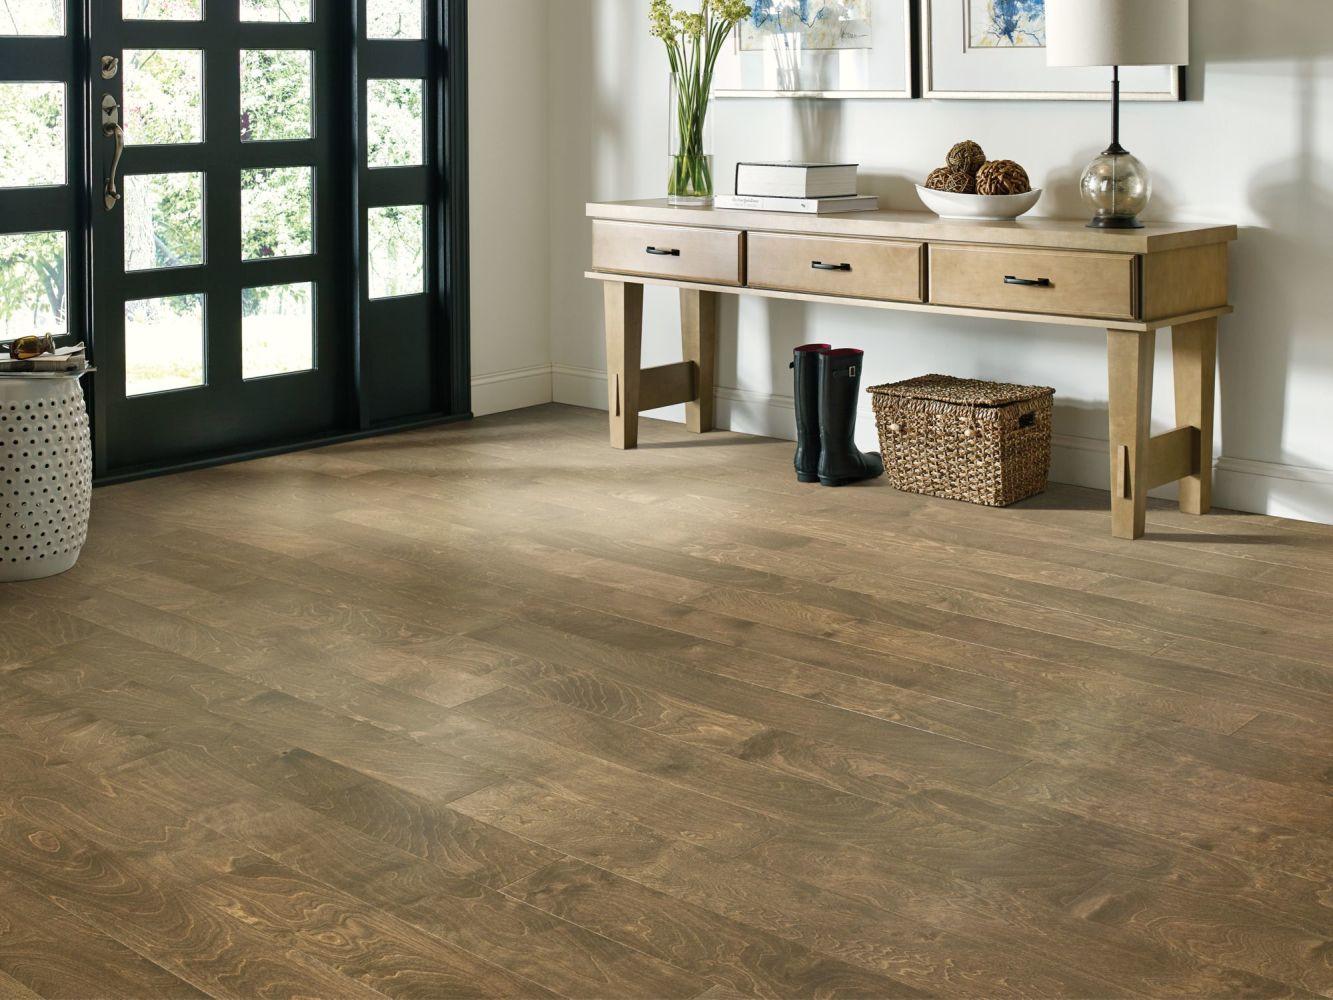 Shaw Floors Dr Horton Riverland Parasail 02022_DR625